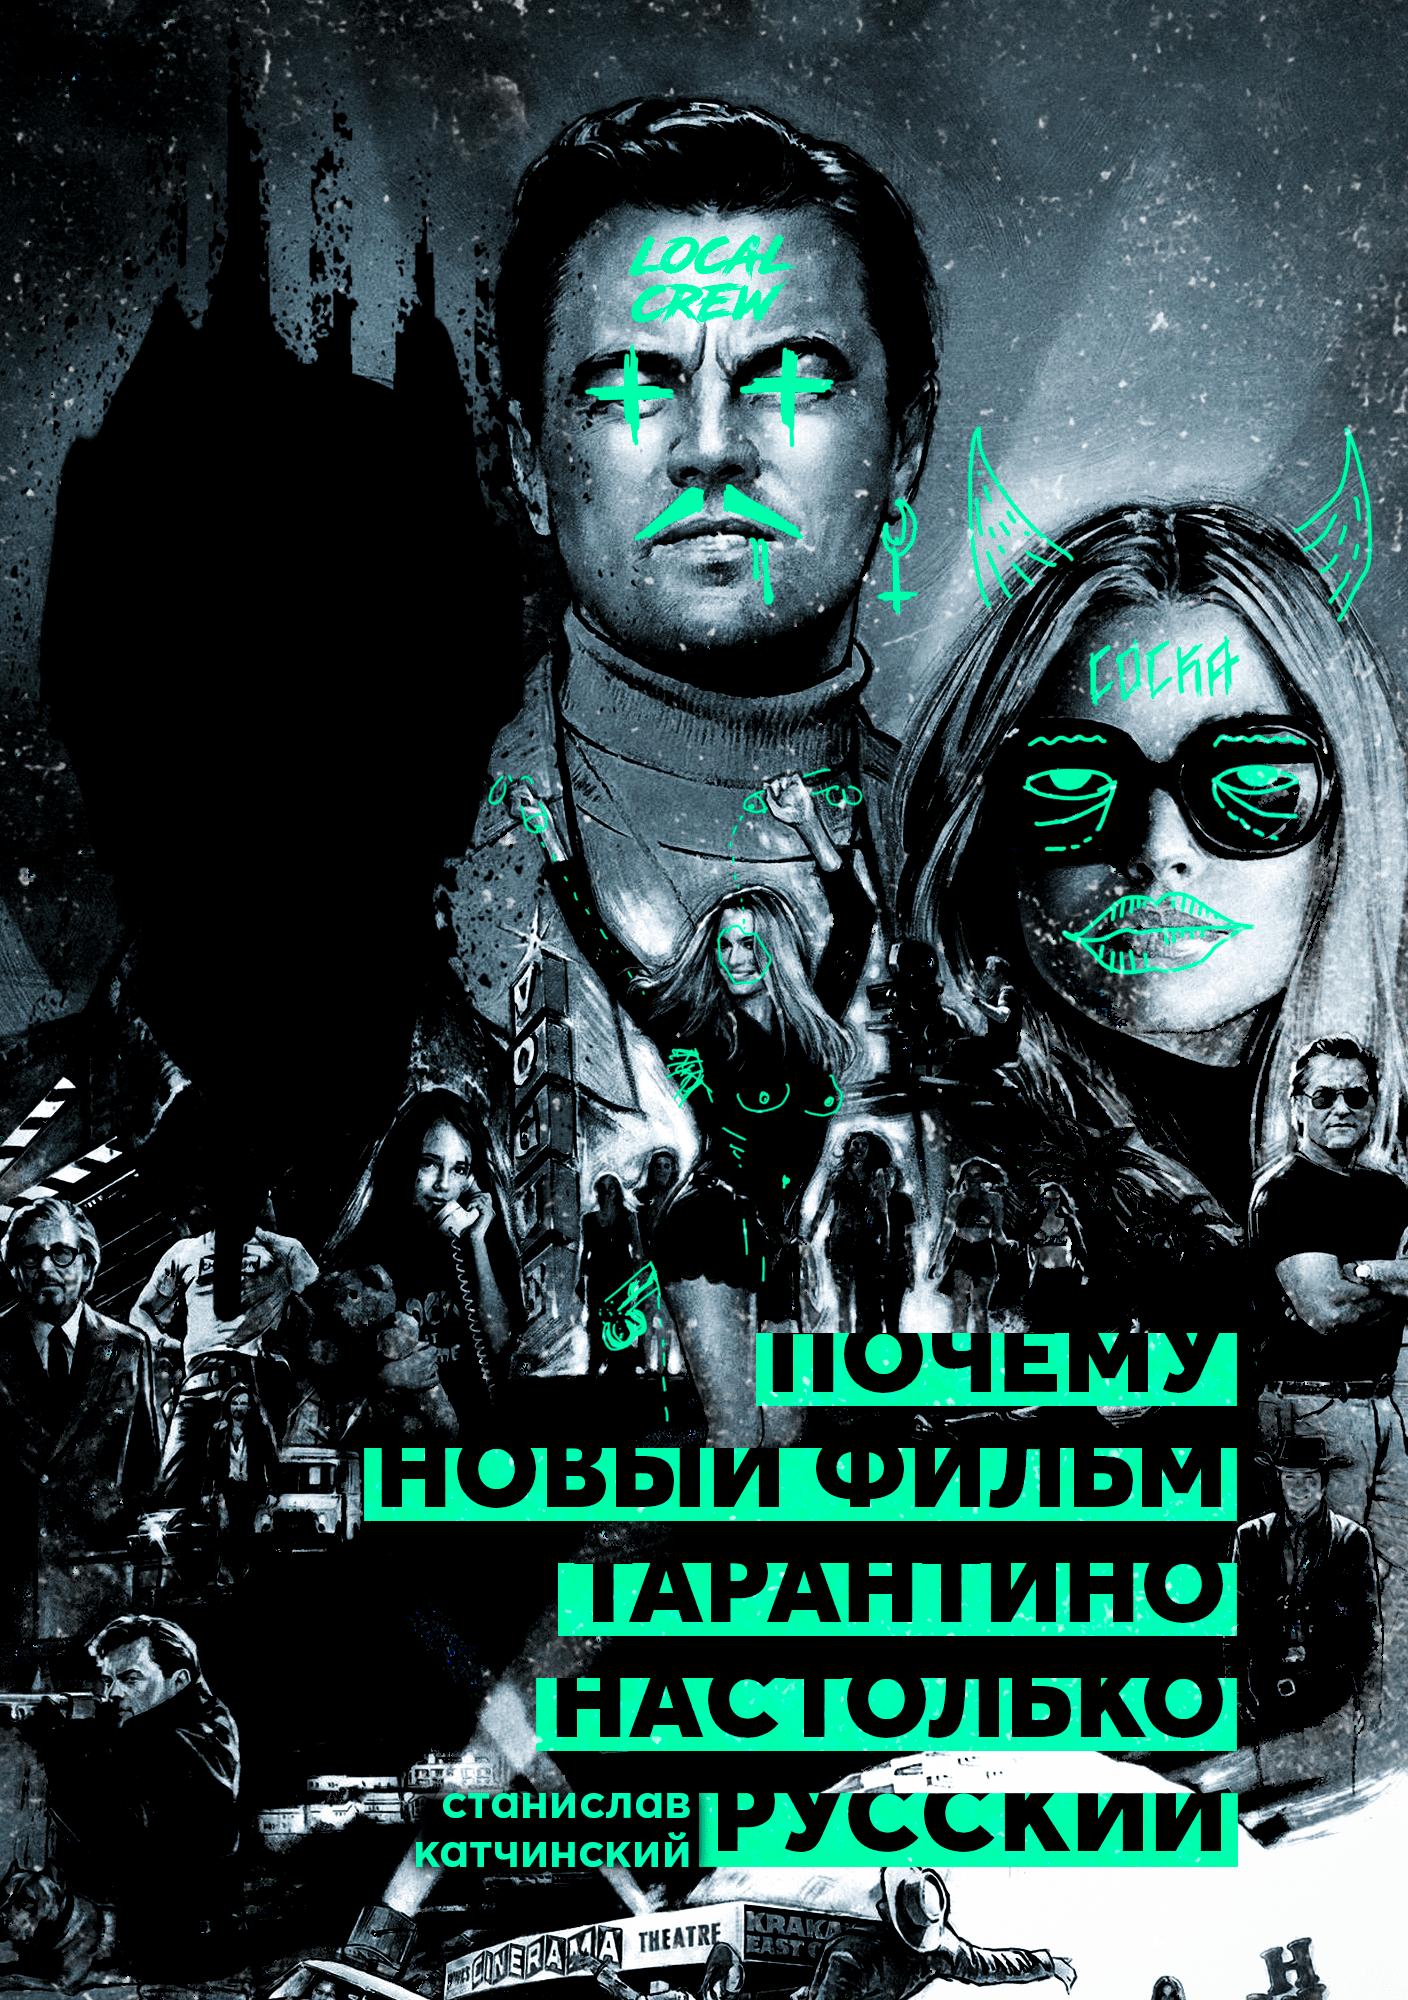 Однажды… в Голливуде — почему новый фильм Тарантино настолько русский?